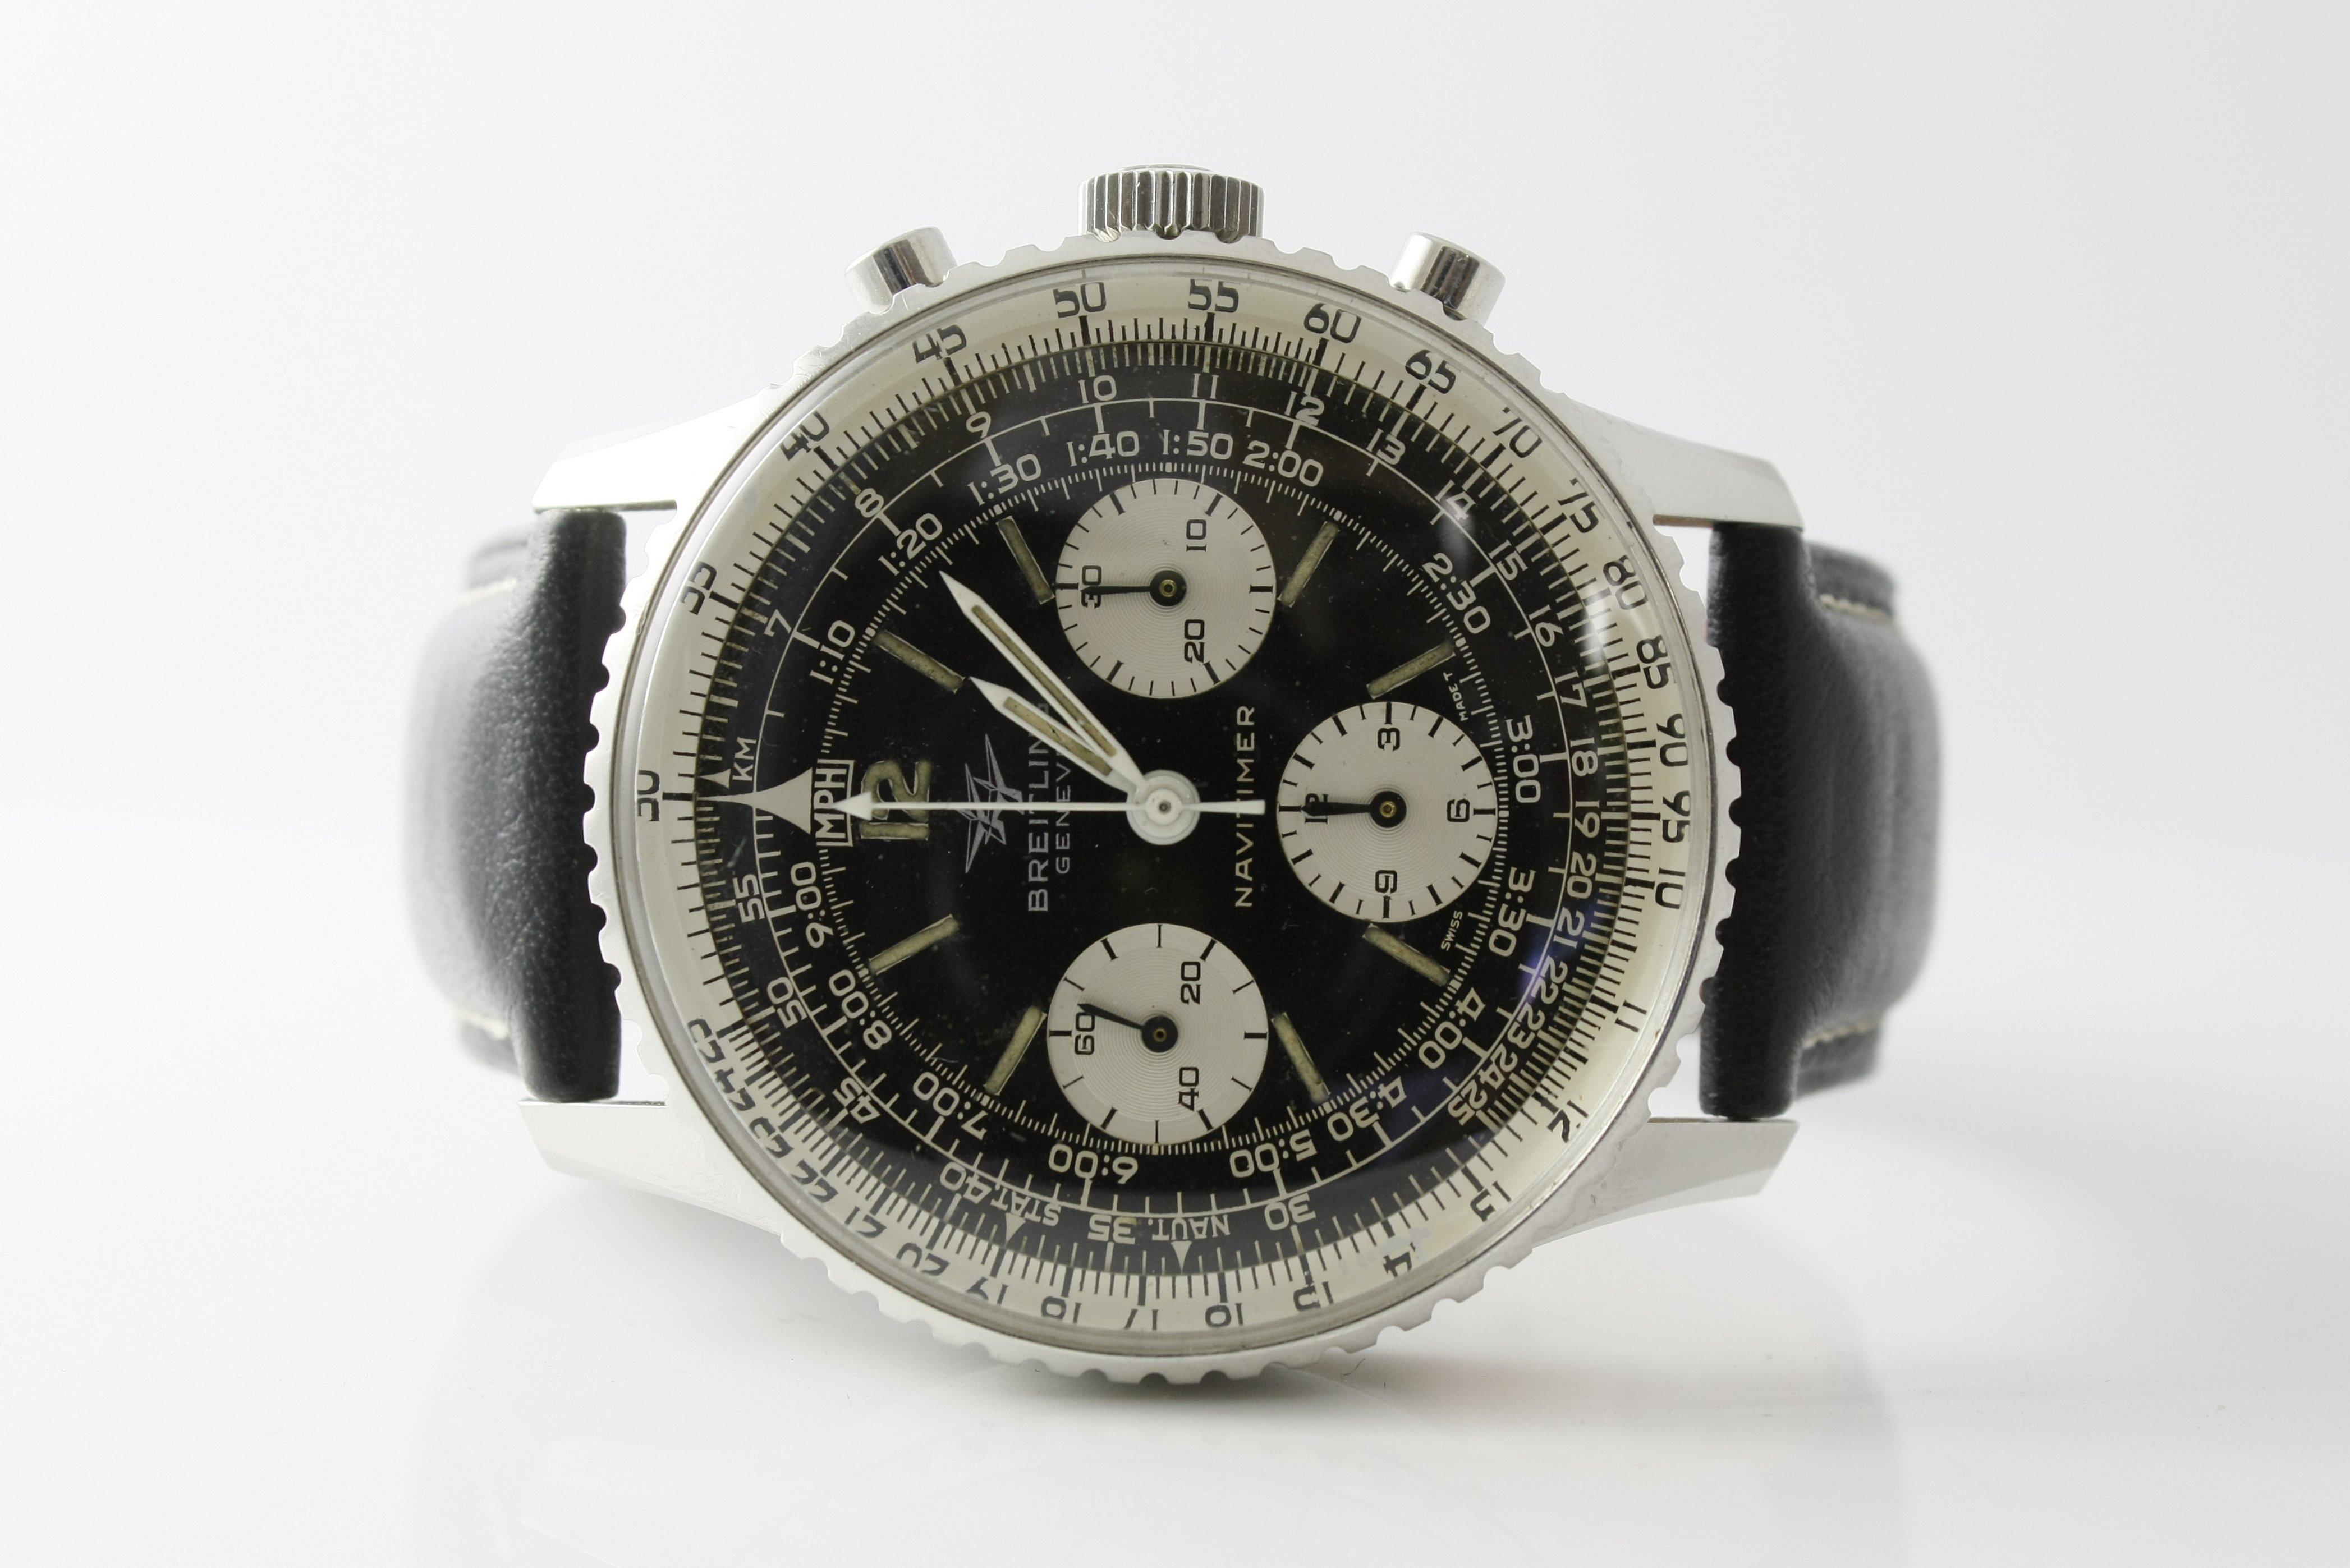 Vintage Breitling Navitimer 806 - $2,400